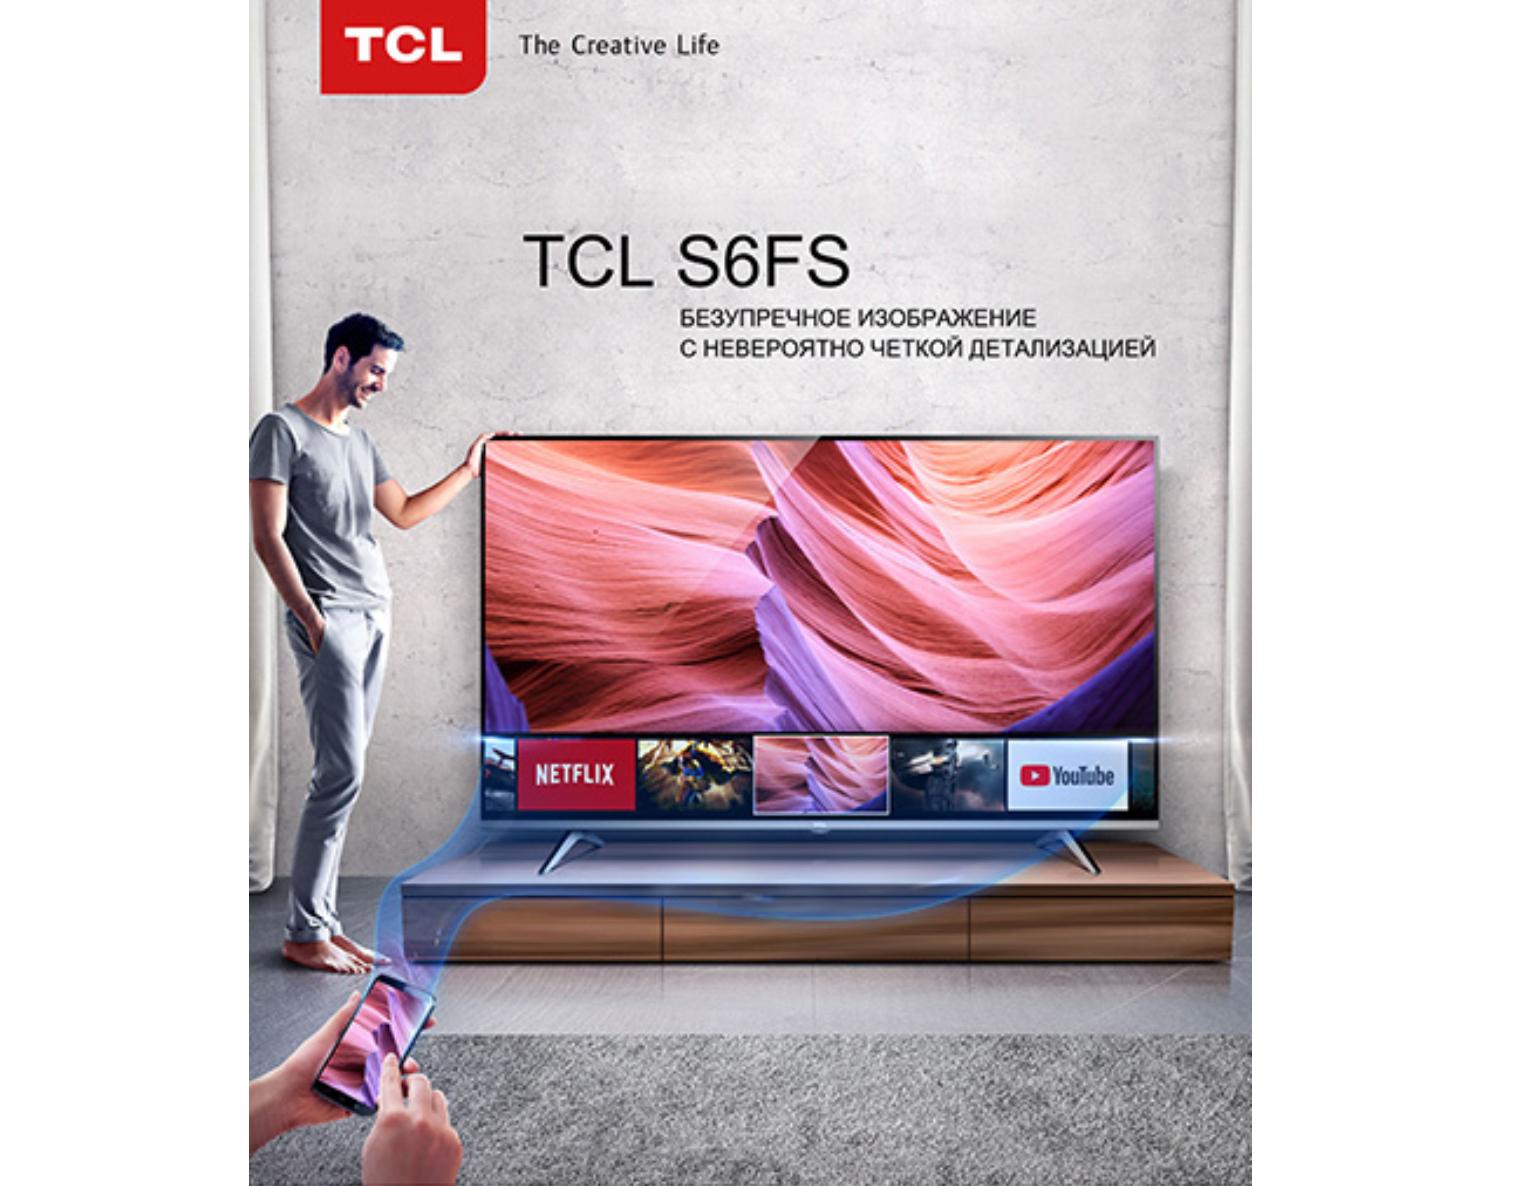 Новые телевизоры TCL S6FS